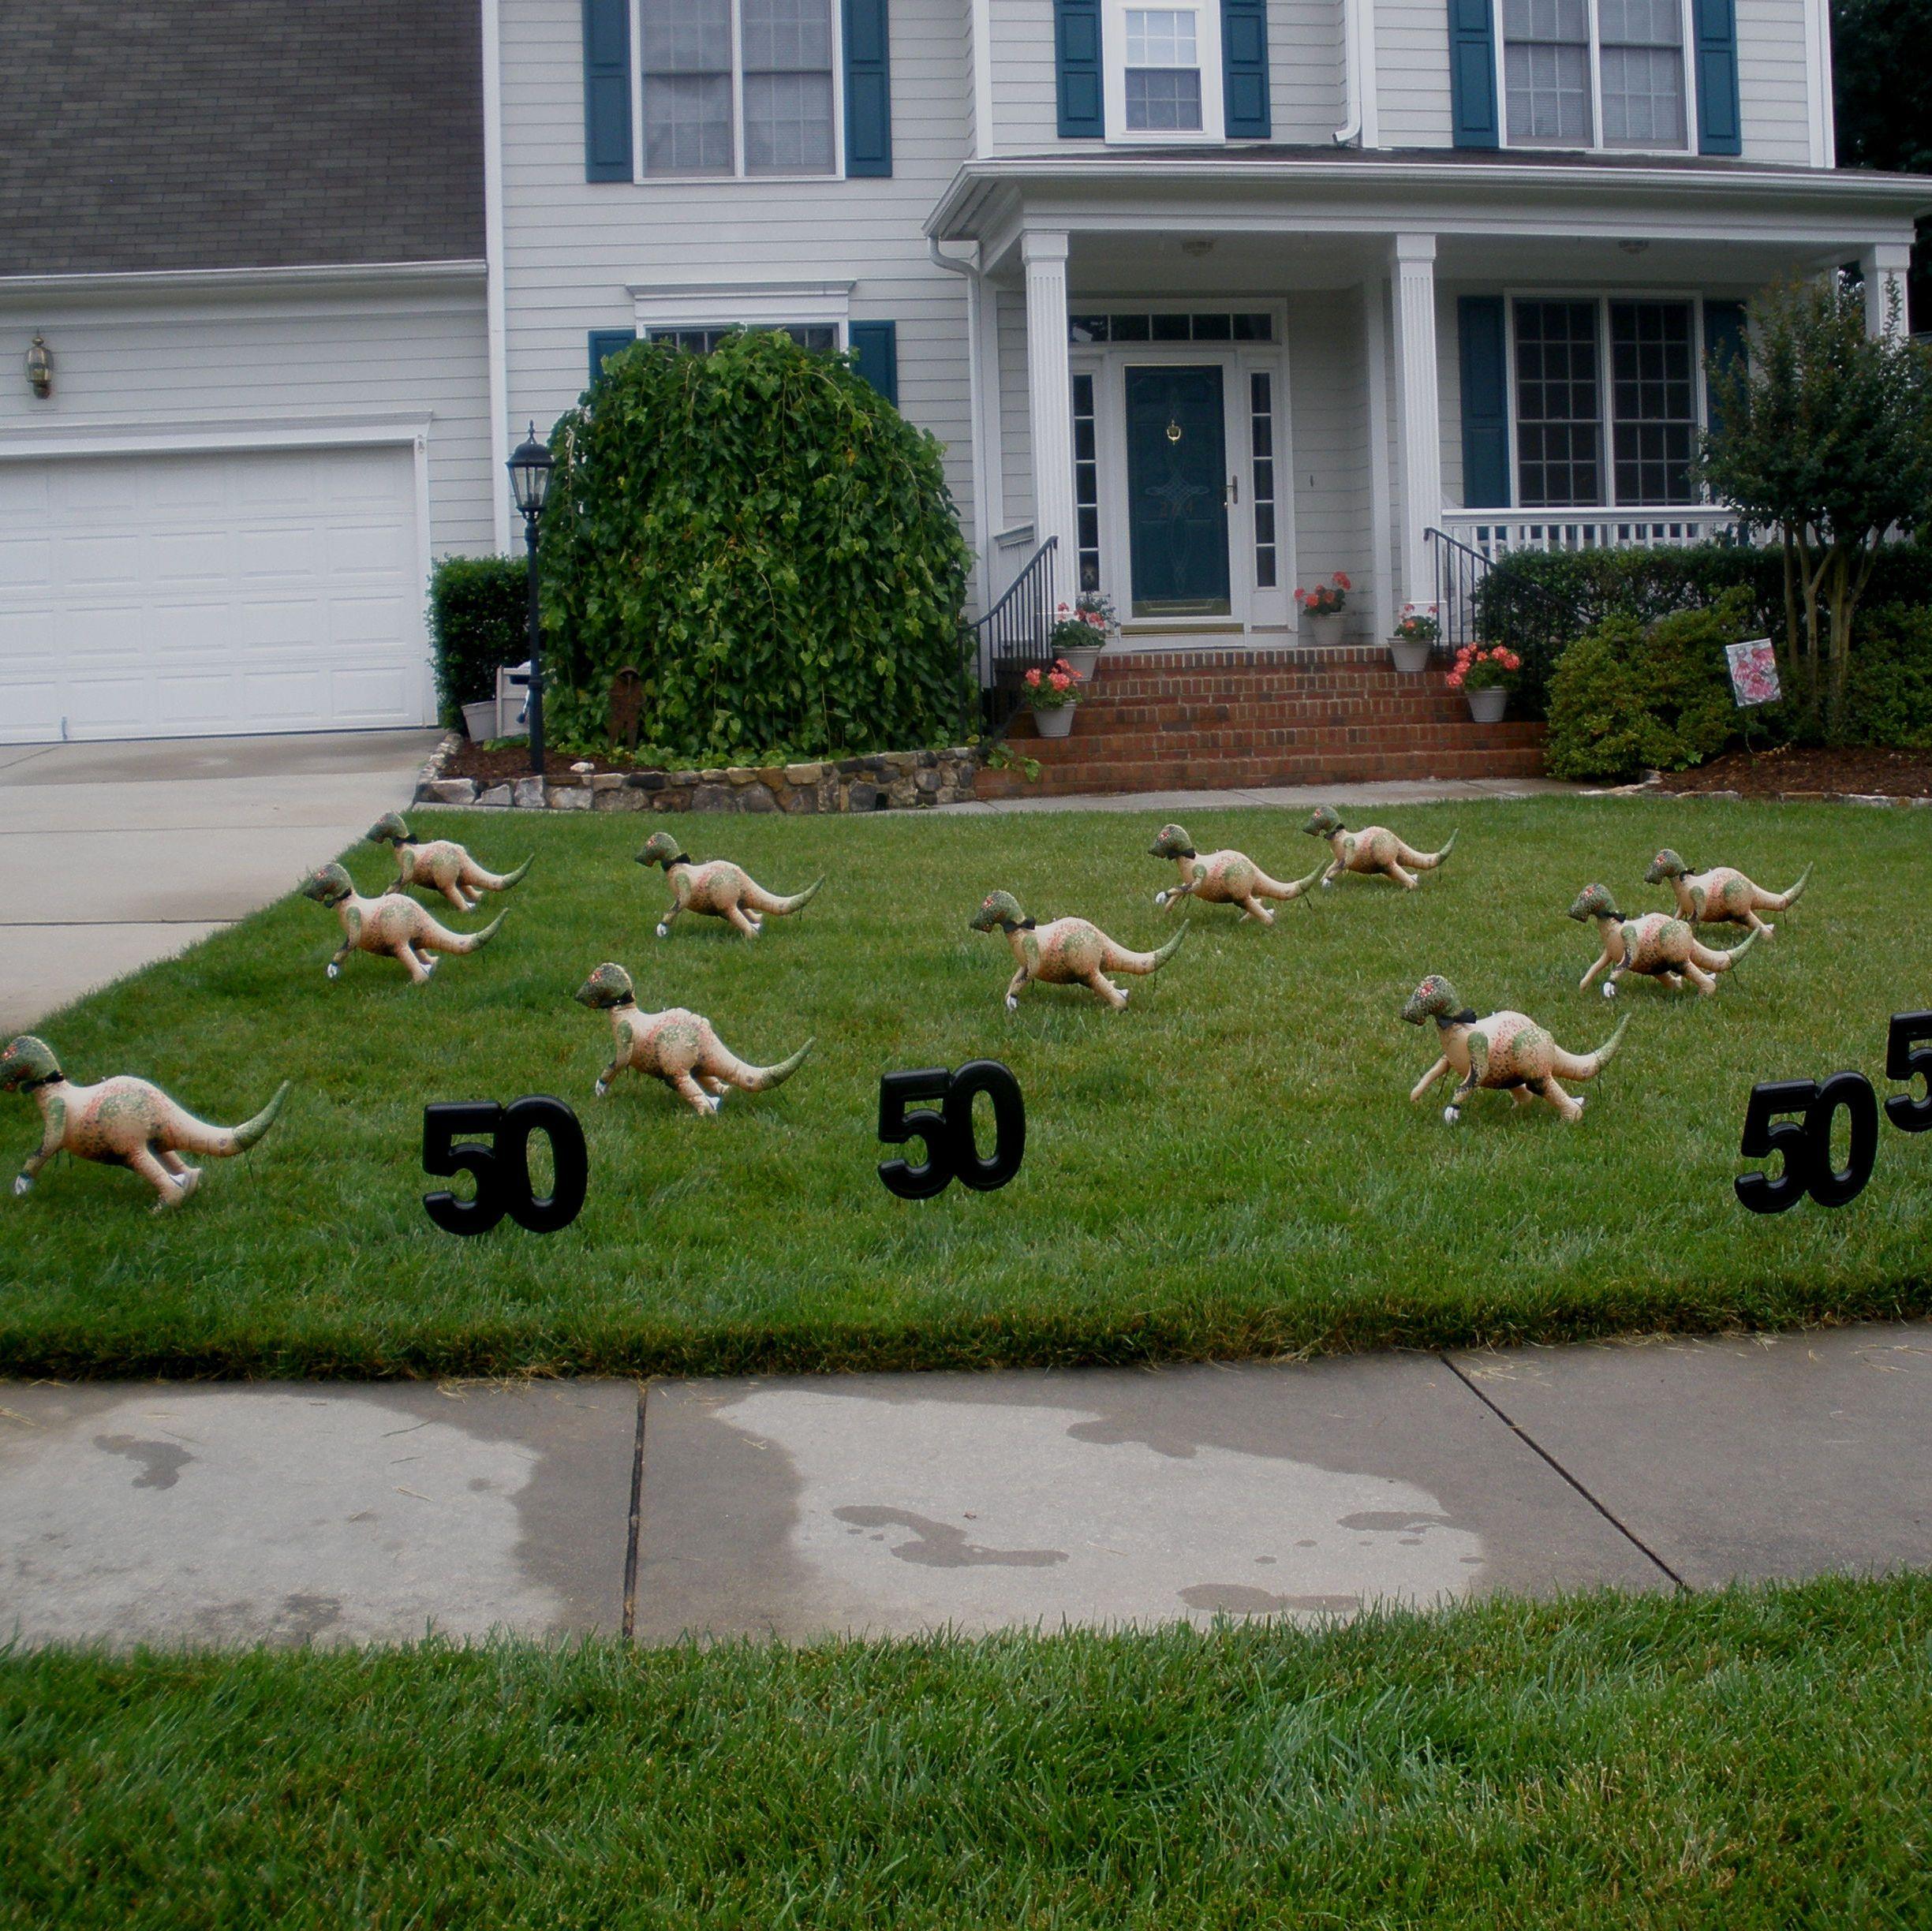 yarddecoratingideas flamingo flocking rentals and other yard decorations